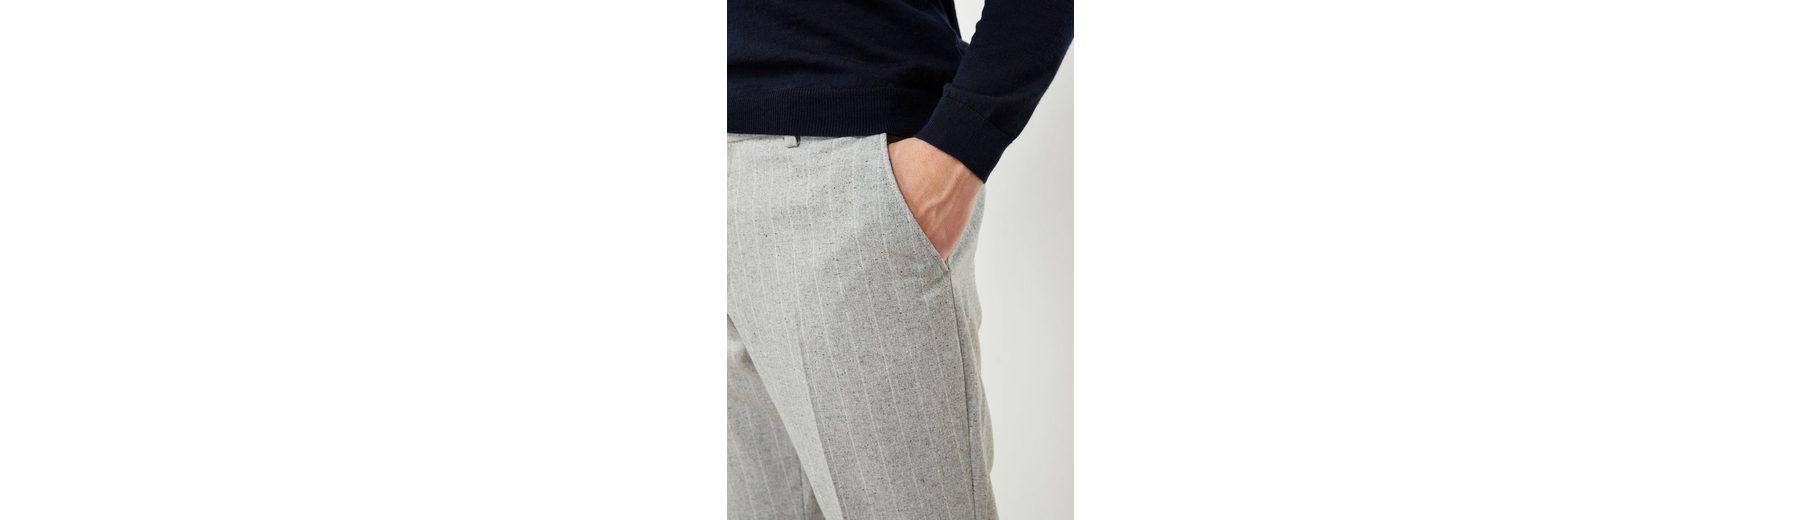 Next Skinny Fit Anzug mit Streifen und Struktur: Hose Günstig Kaufen 100% Garantiert Freies Verschiffen Reale tBr6gm0lir